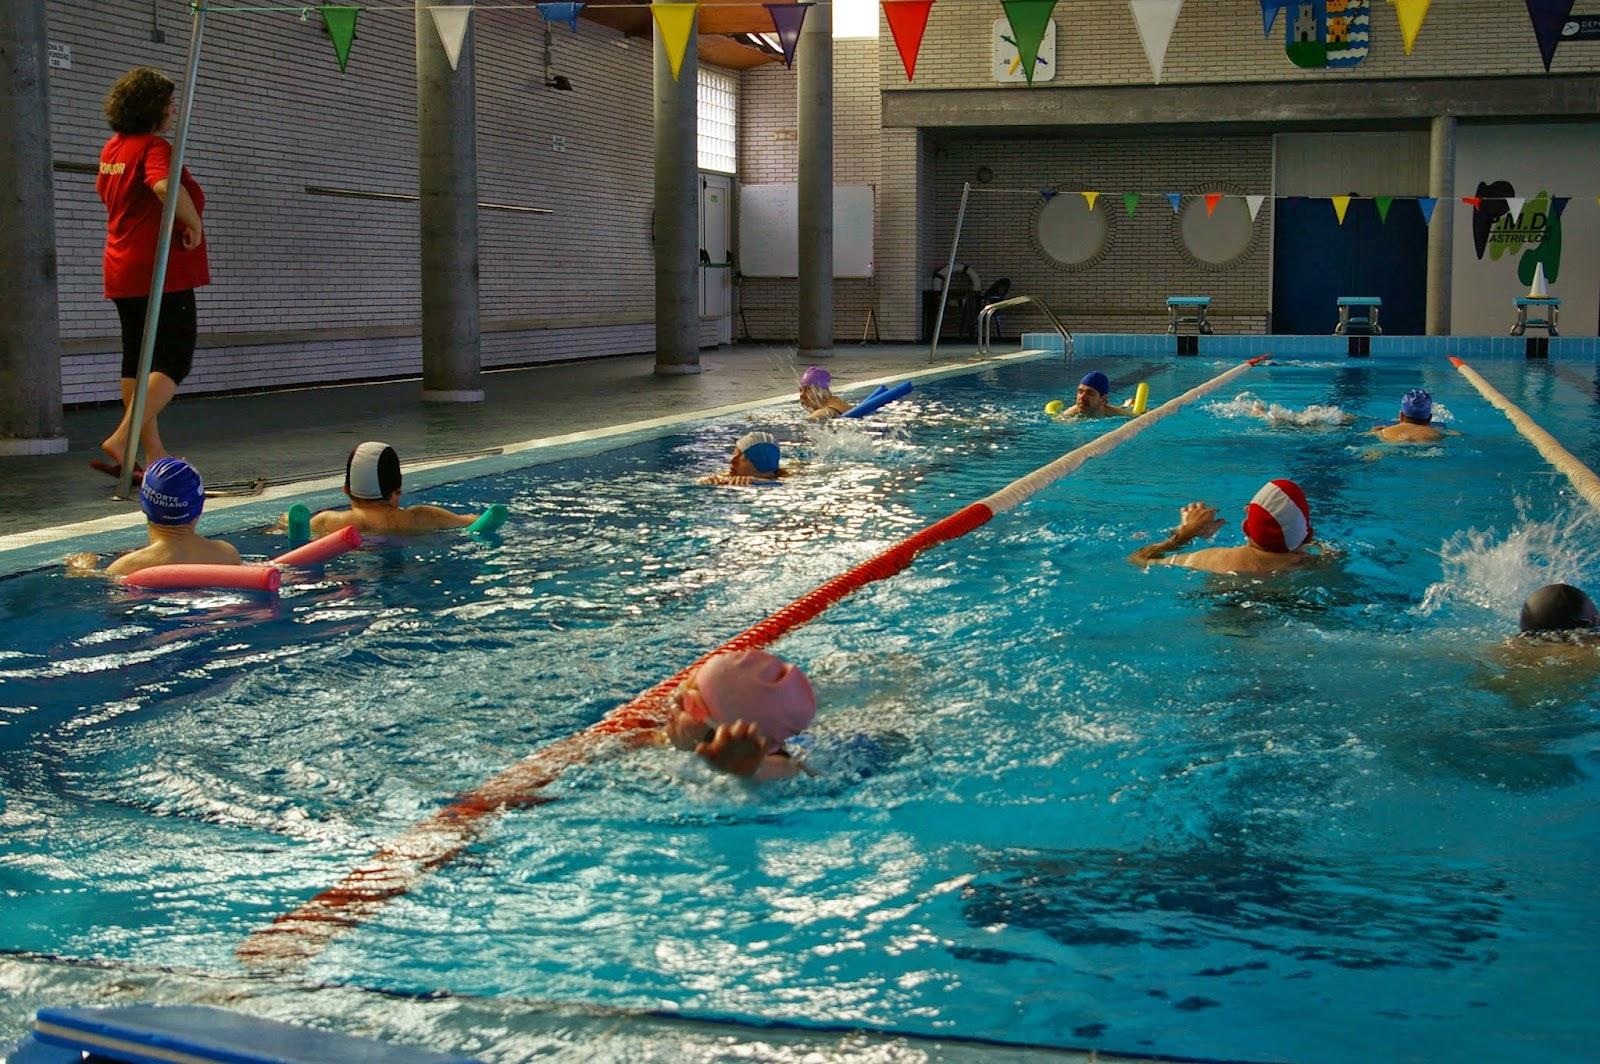 La uni n salinas curso de piscina for Curso piscinas